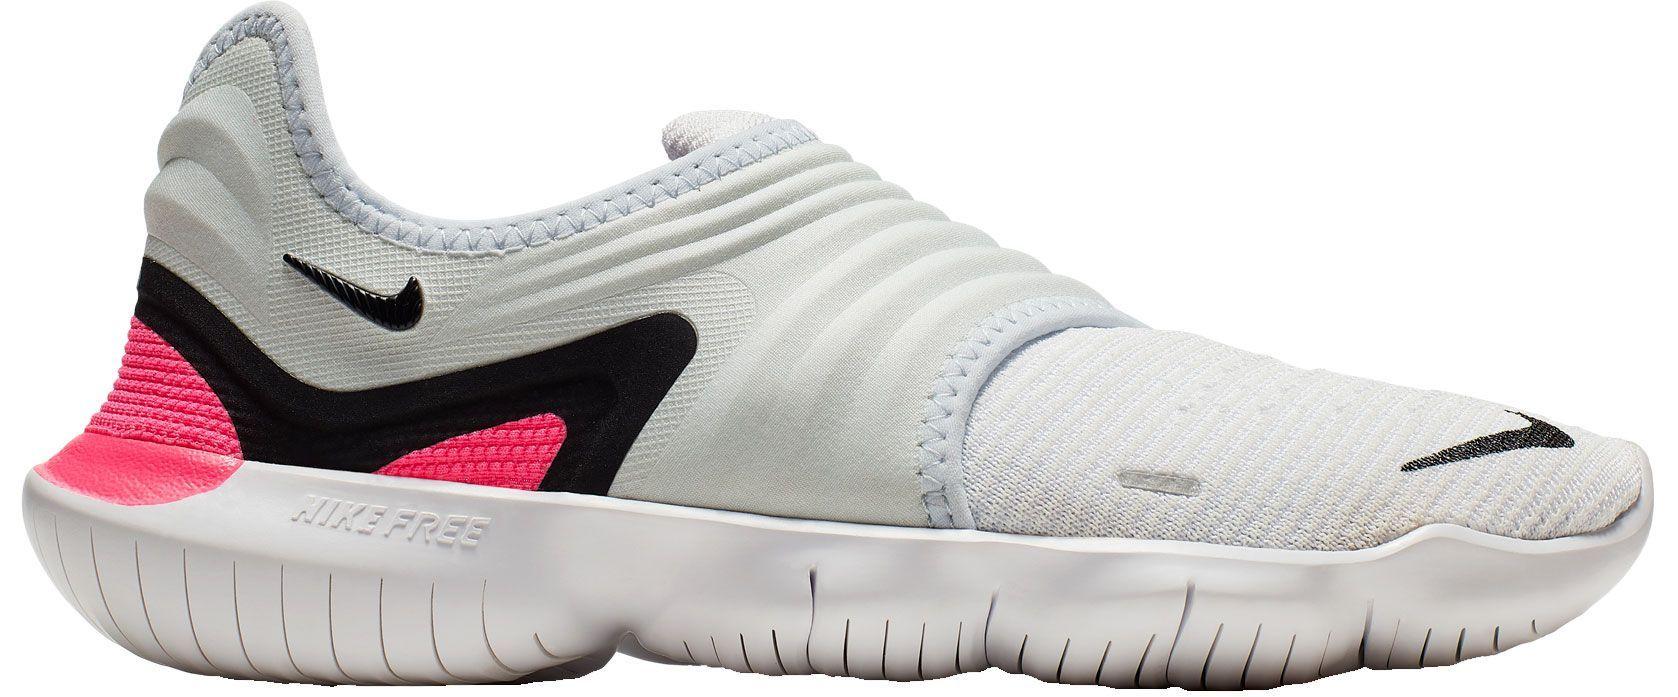 release date 9517c 50d12 Nike Women's Free RN Flyknit 3.0 Running Shoes in 2019 ...